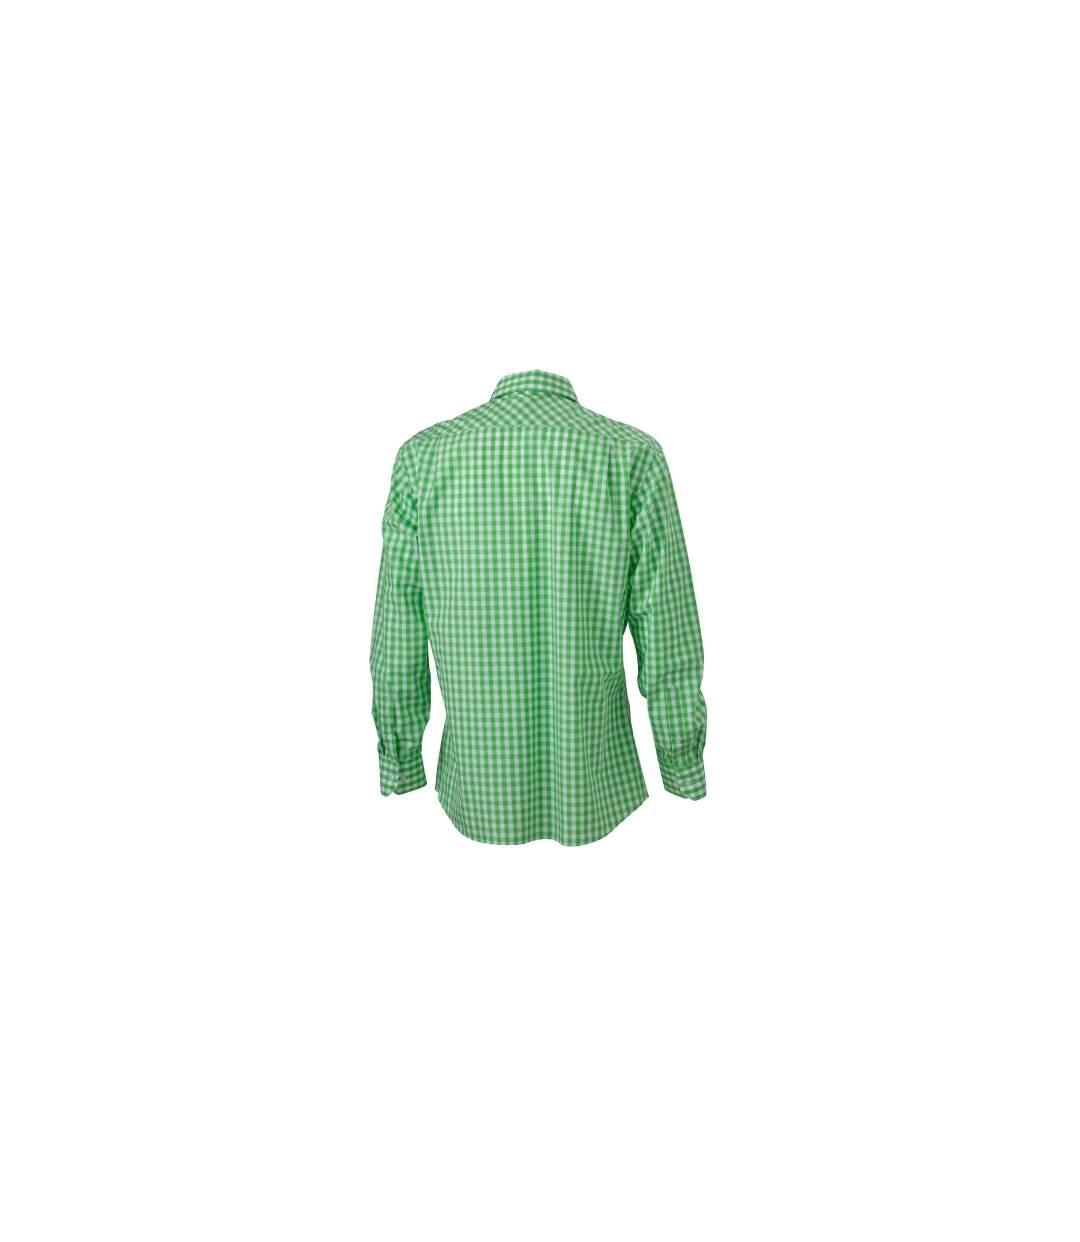 chemise manches longues carreaux vichy HOMME JN617 - vert